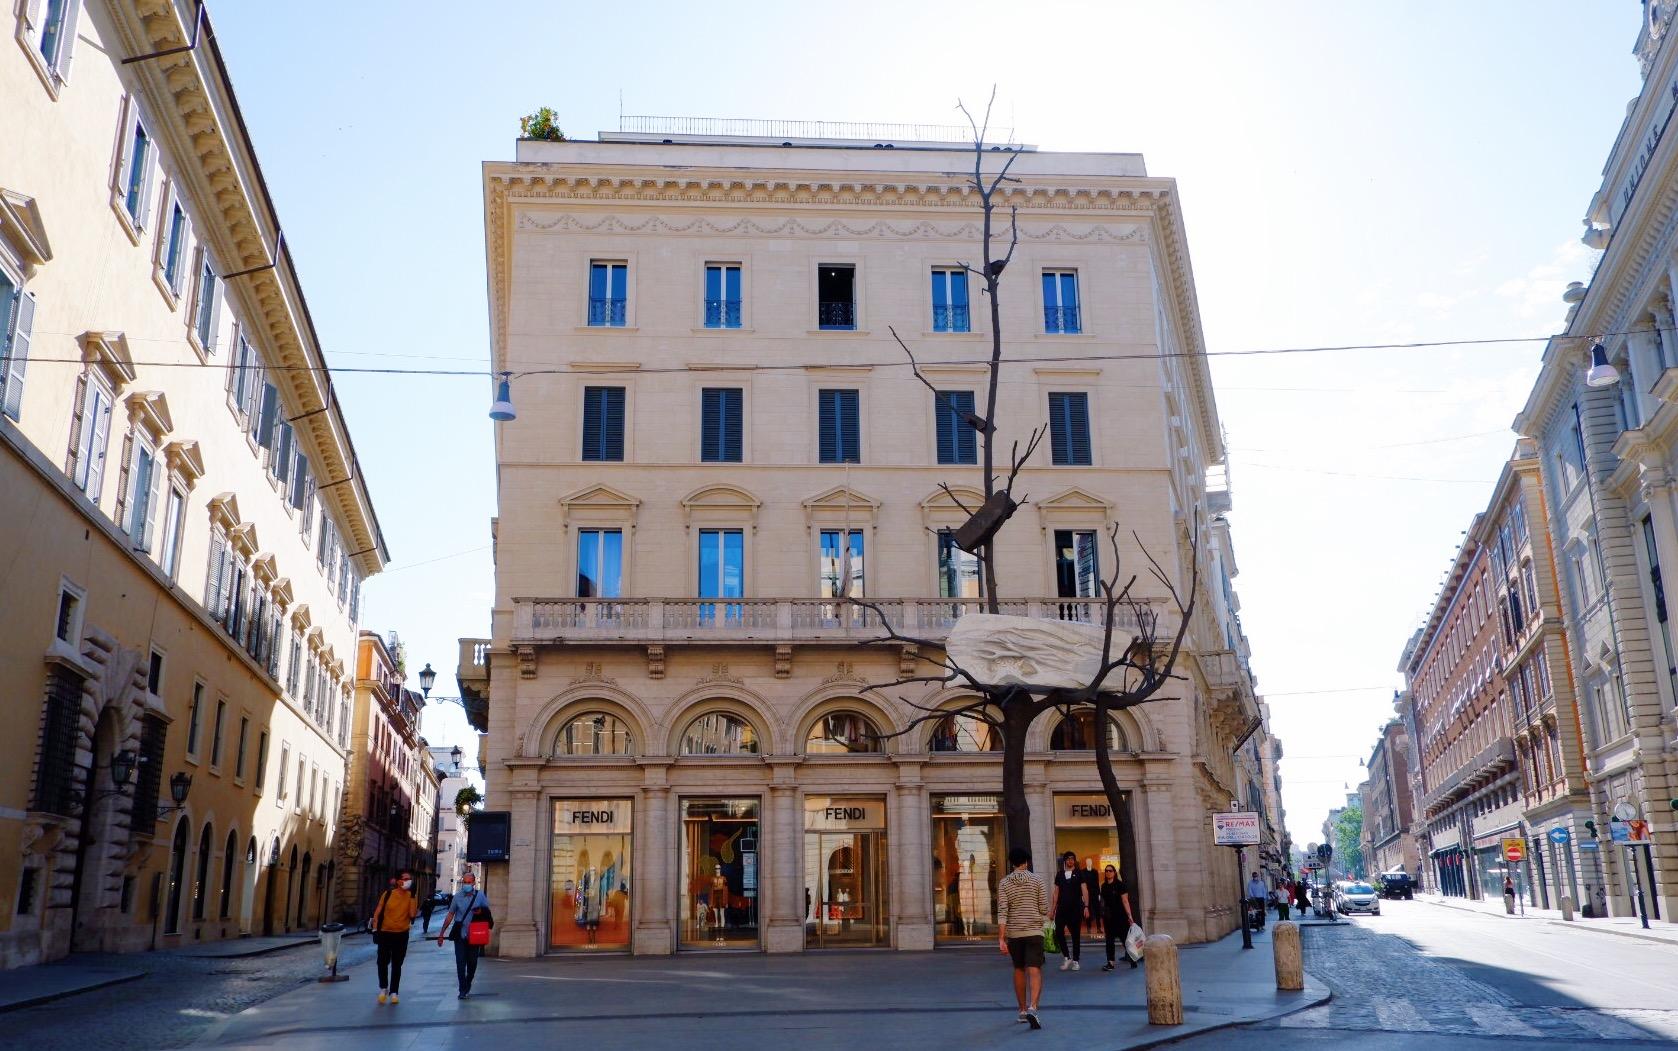 Foglie di Pietra sculpture outside Palazzo Fendi